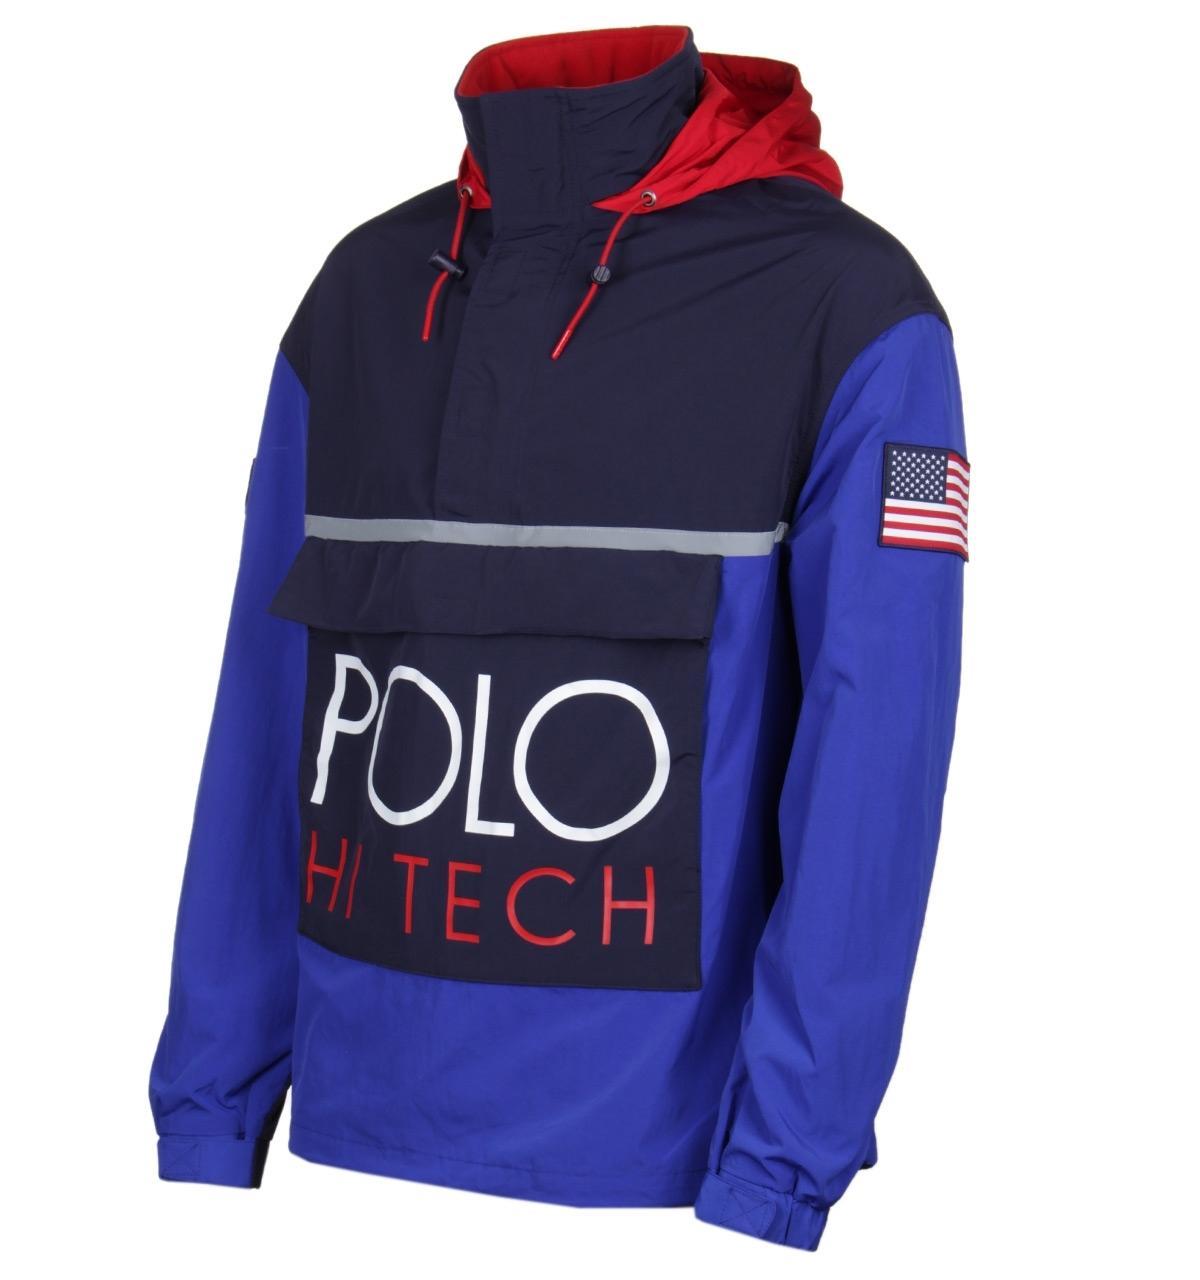 d1ad58318 Polo Ralph Lauren - Hi Tech Royal Blue Pullover for Men - Lyst. View  fullscreen